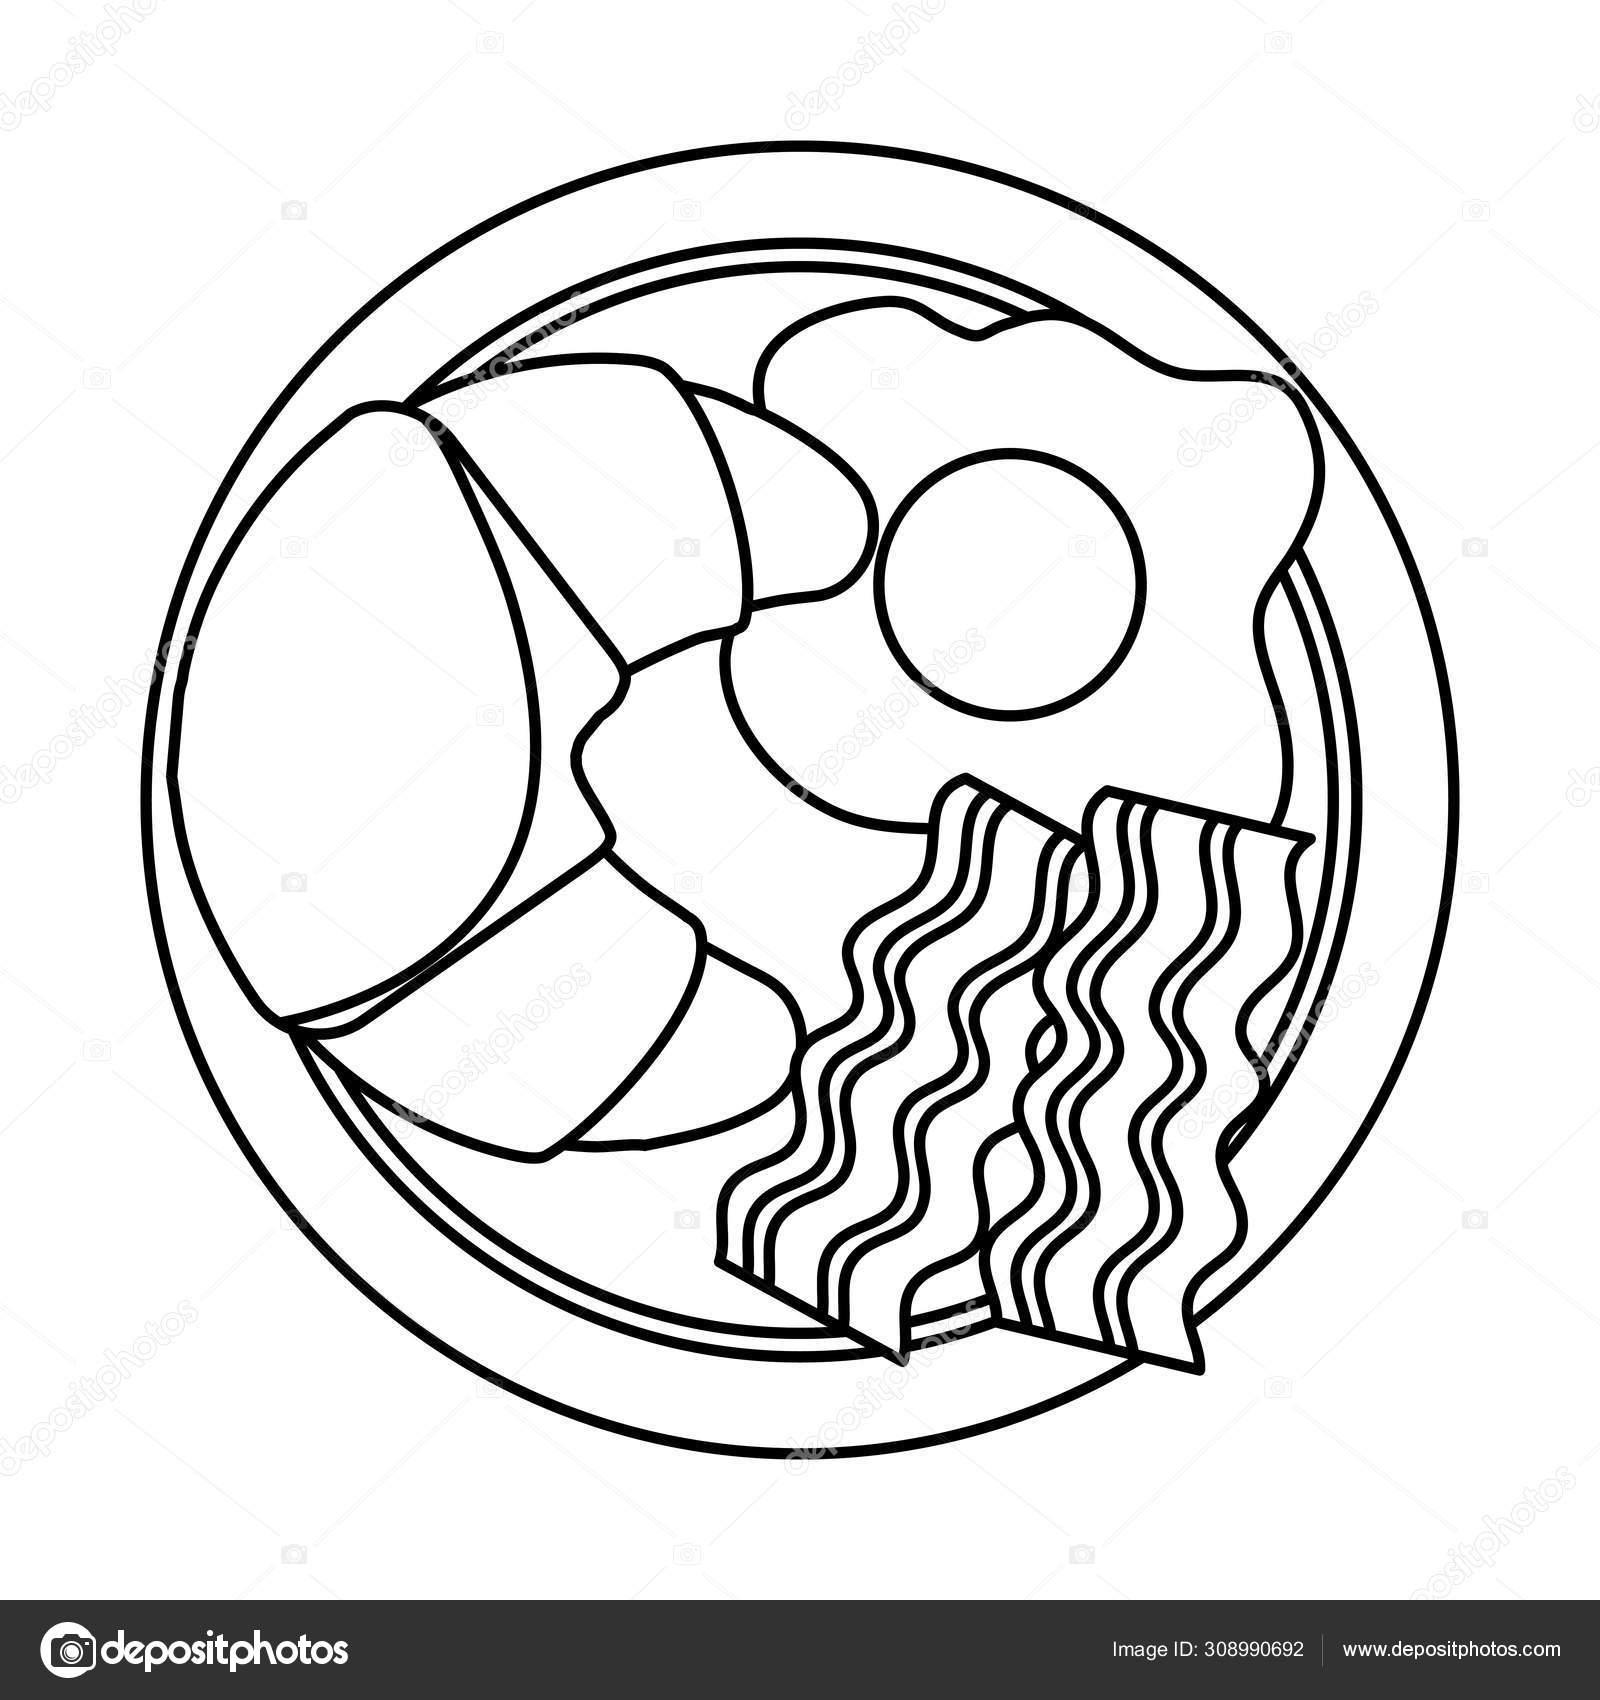 petit dejeuner isole oeuf et pain vecteur design image vectorielle par yupiramos c illustration 308990692